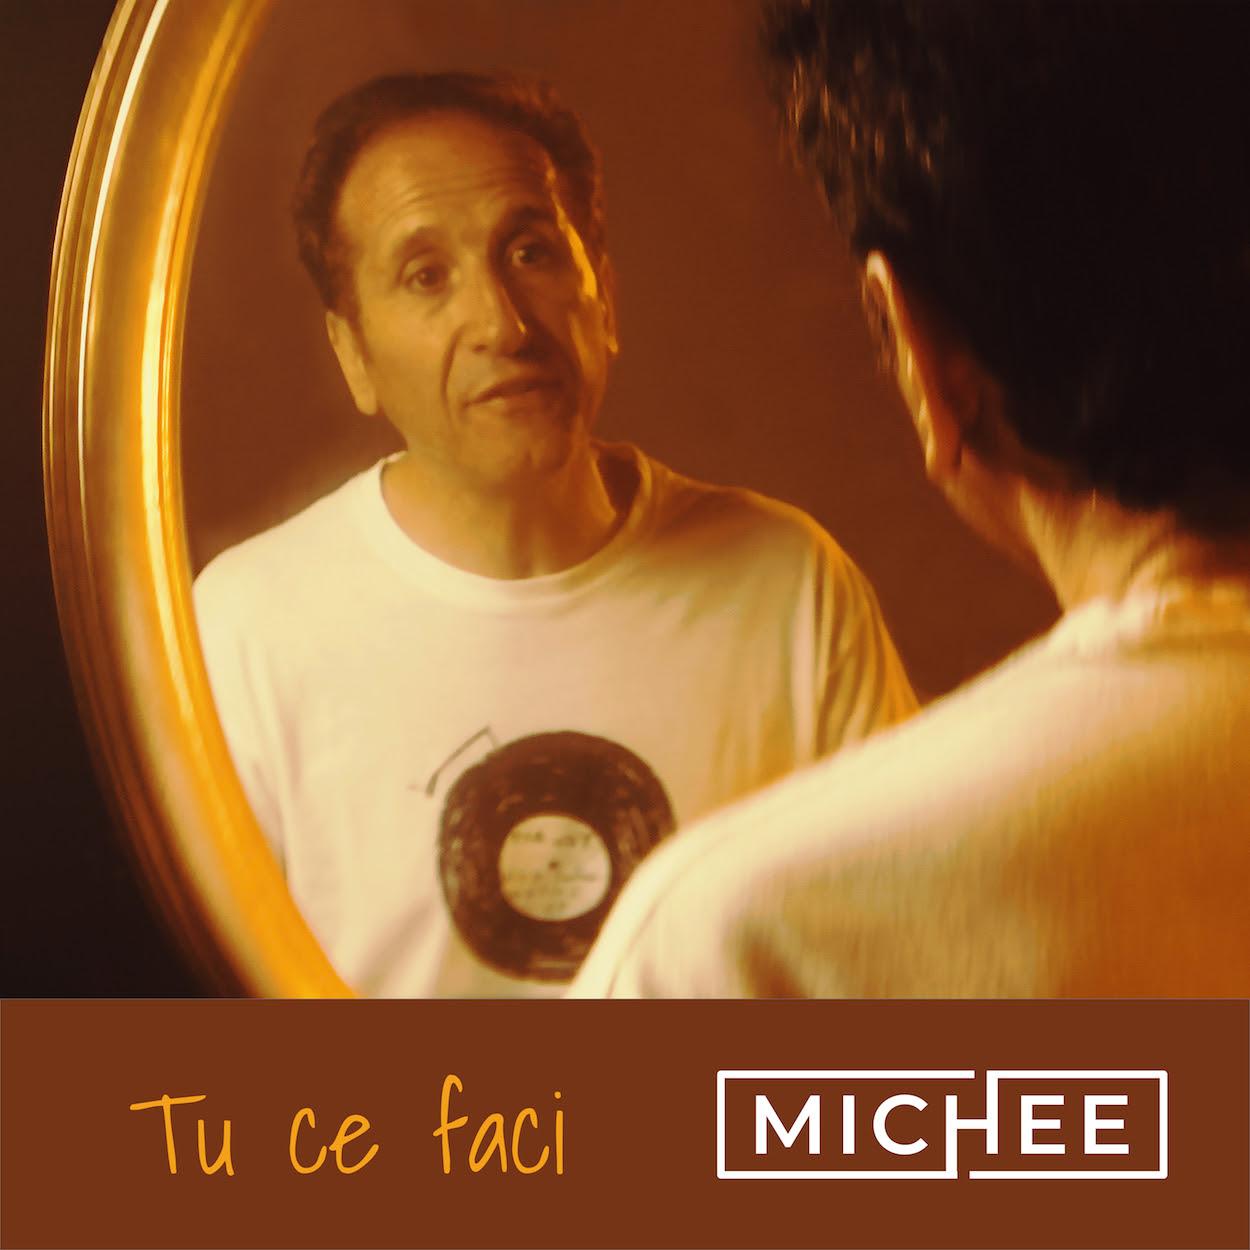 """Da venerdì 5 febbraio uscirà in radio e su tutte le piattaforme digitali """"TU CE FACI"""", il nuovo singolo di MICHEE"""